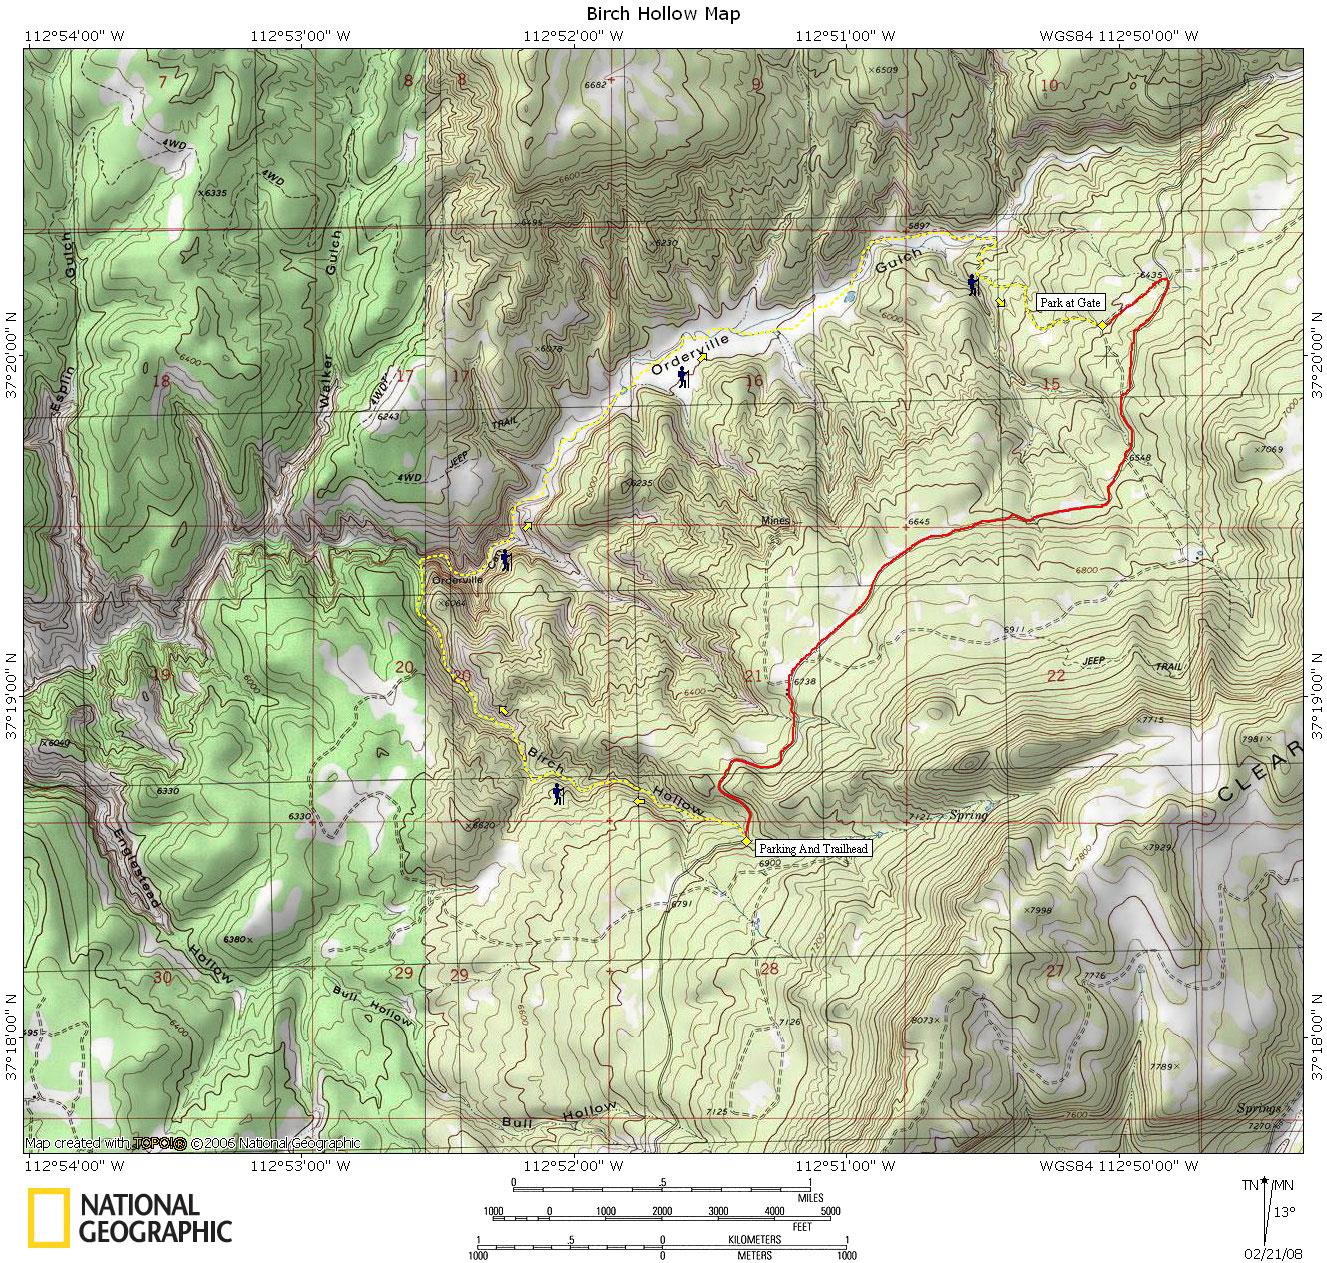 Birch Hollow Map